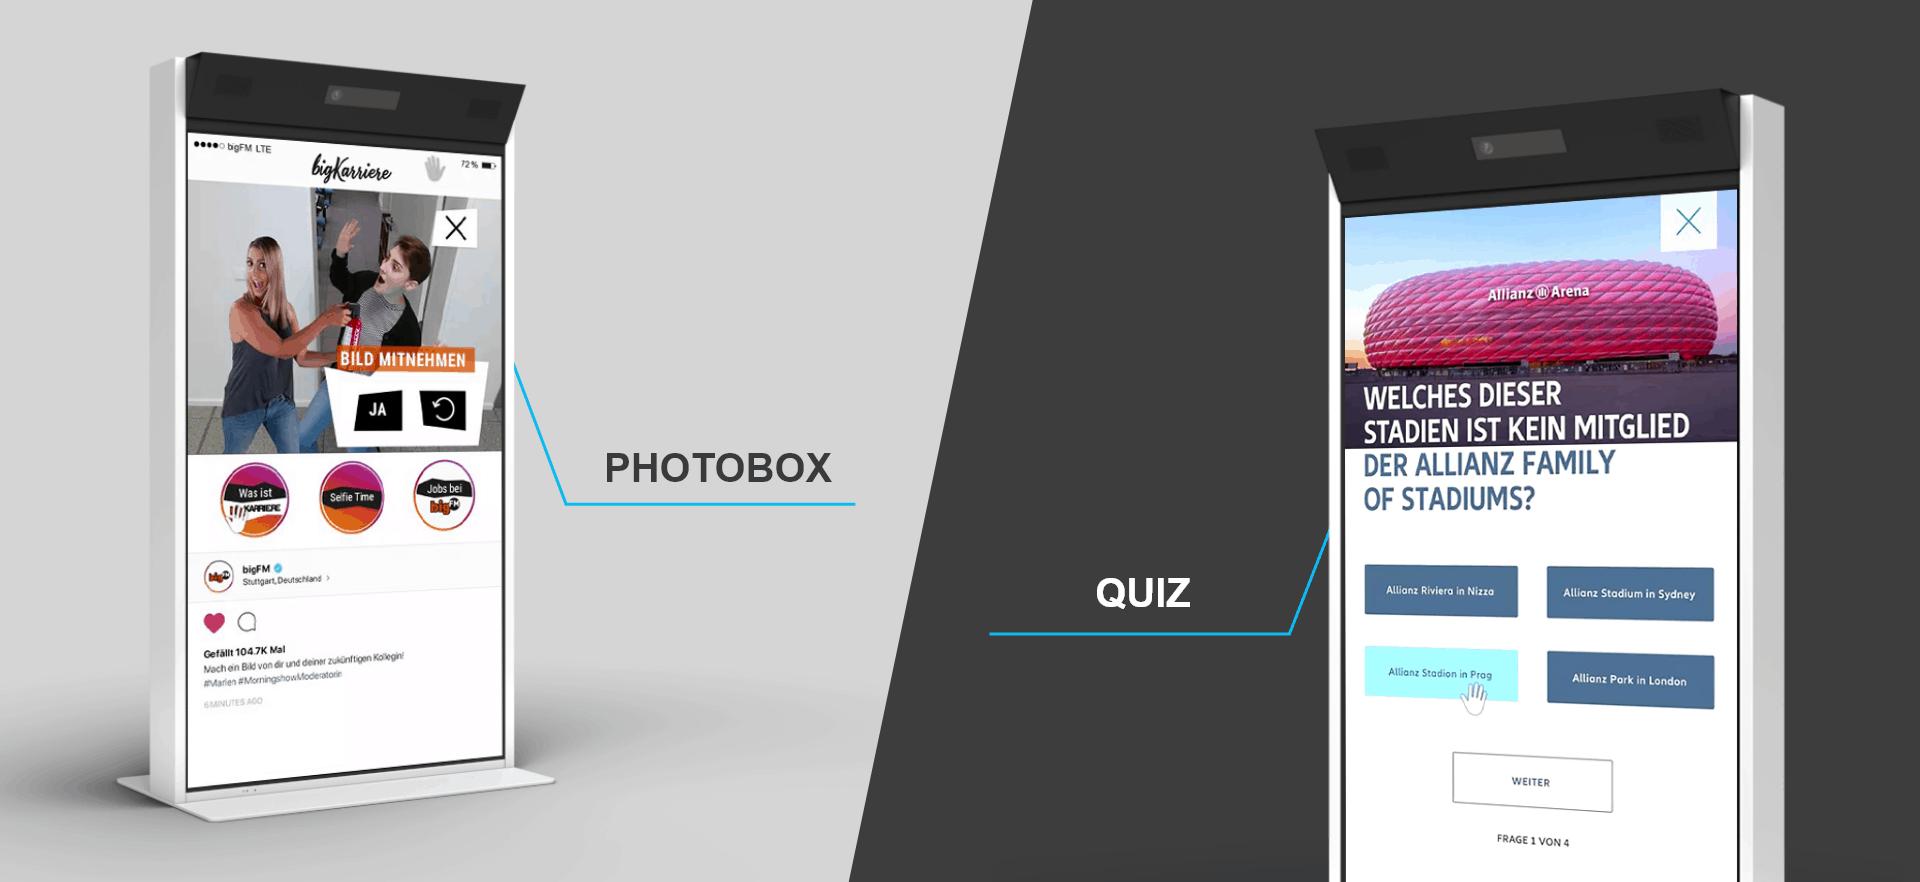 PhotoboxQuiz